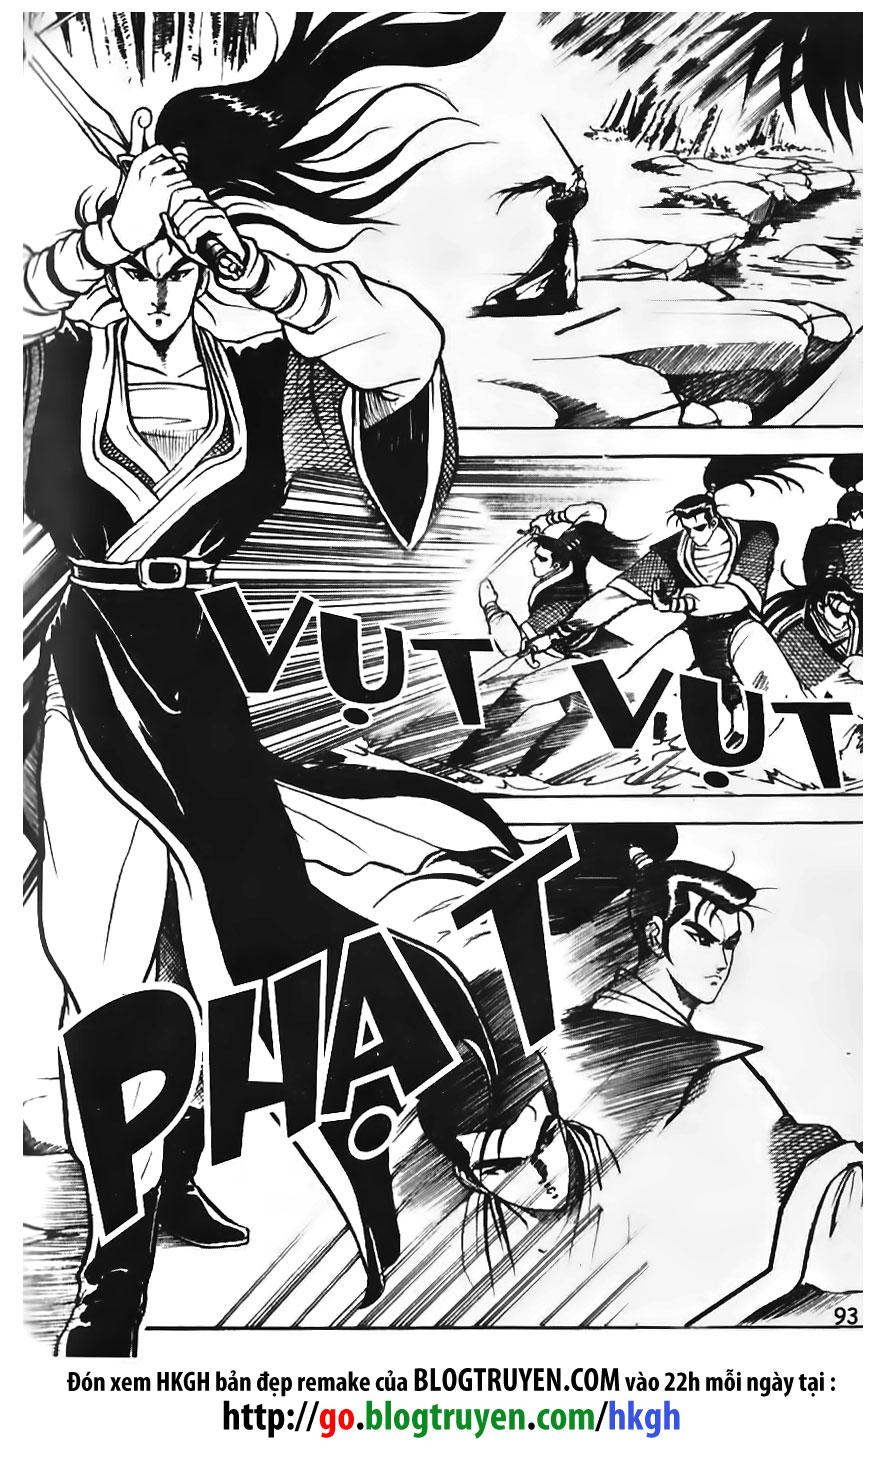 xem truyen moi - Hiệp Khách Giang Hồ Vol01 - Chap 005 - Remake